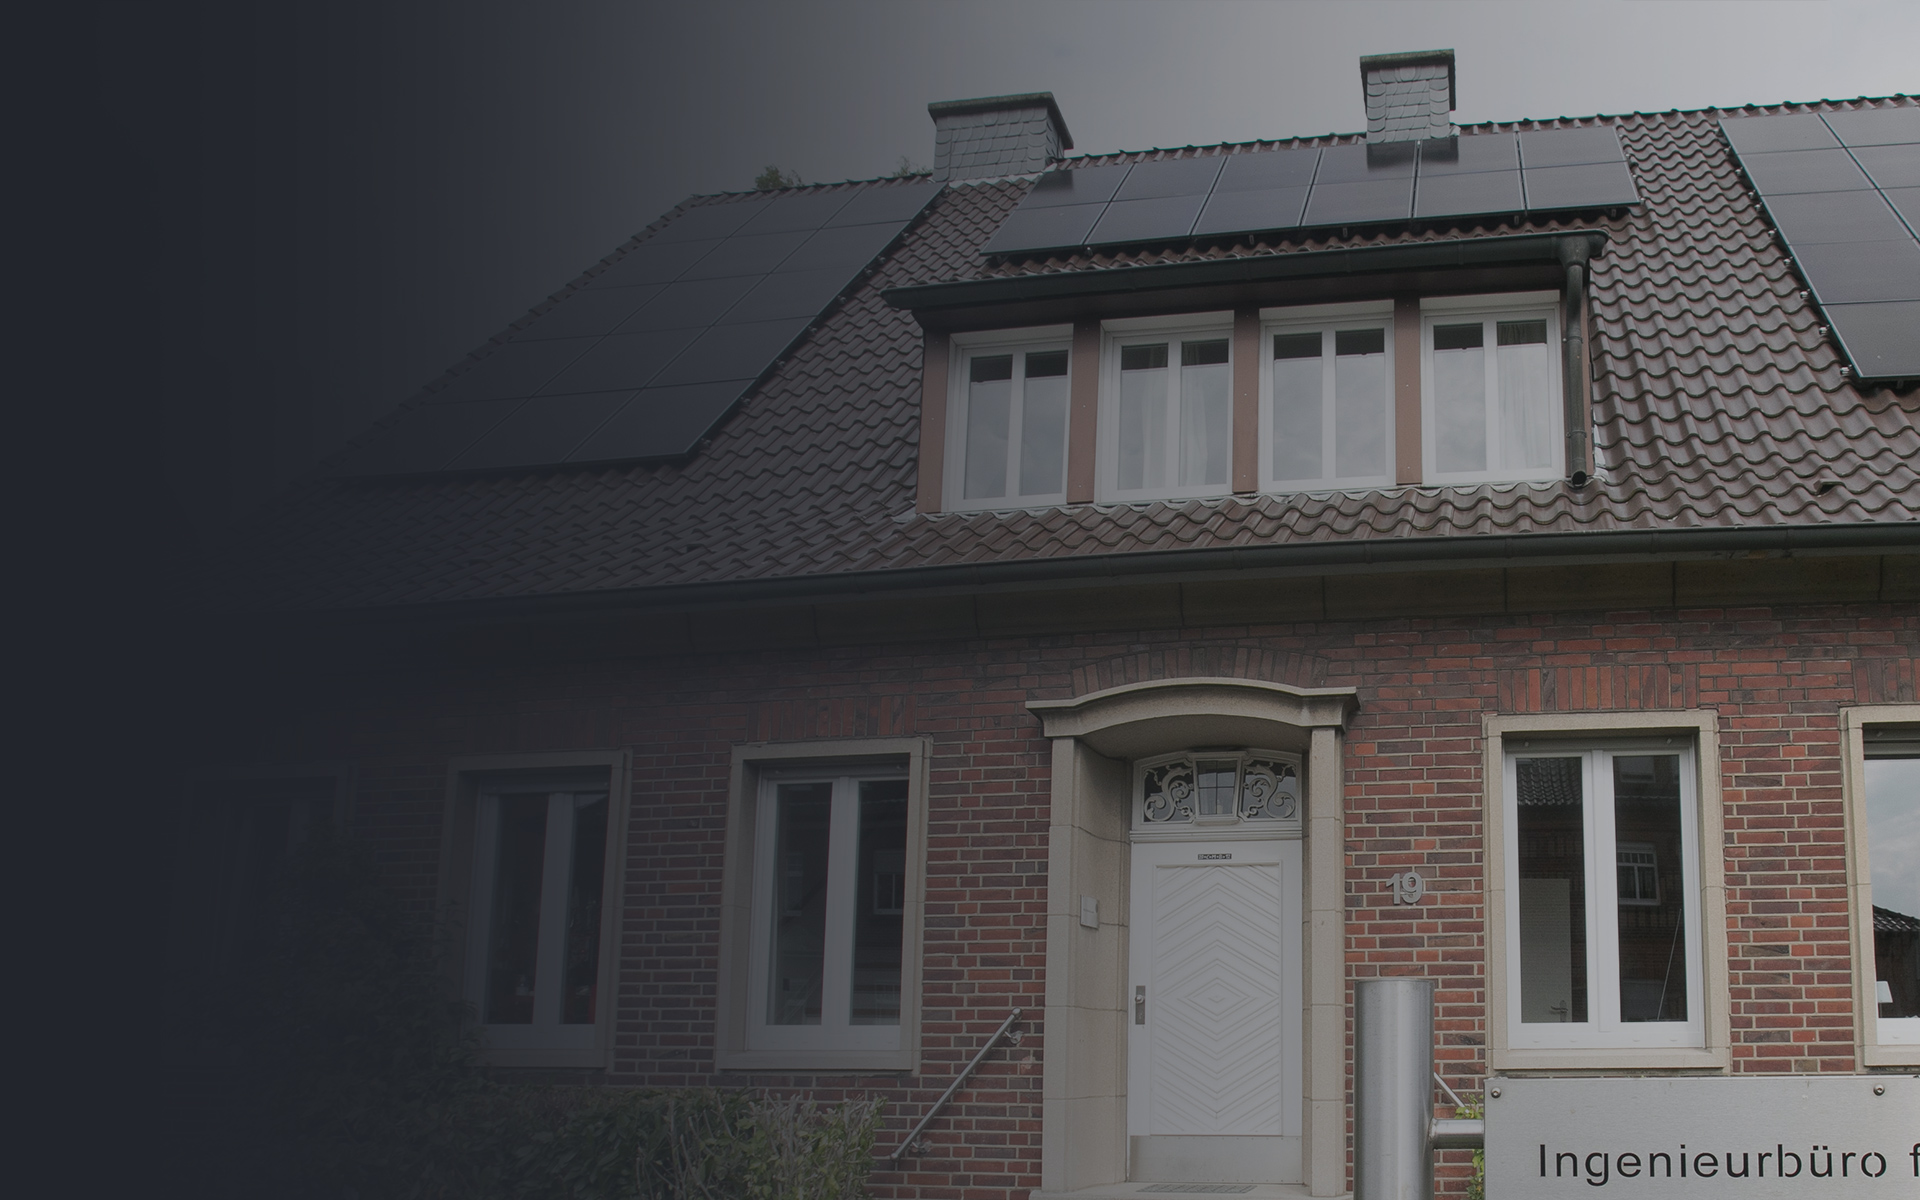 Ingenieurbüro für Baustatik von Thorsten Haase